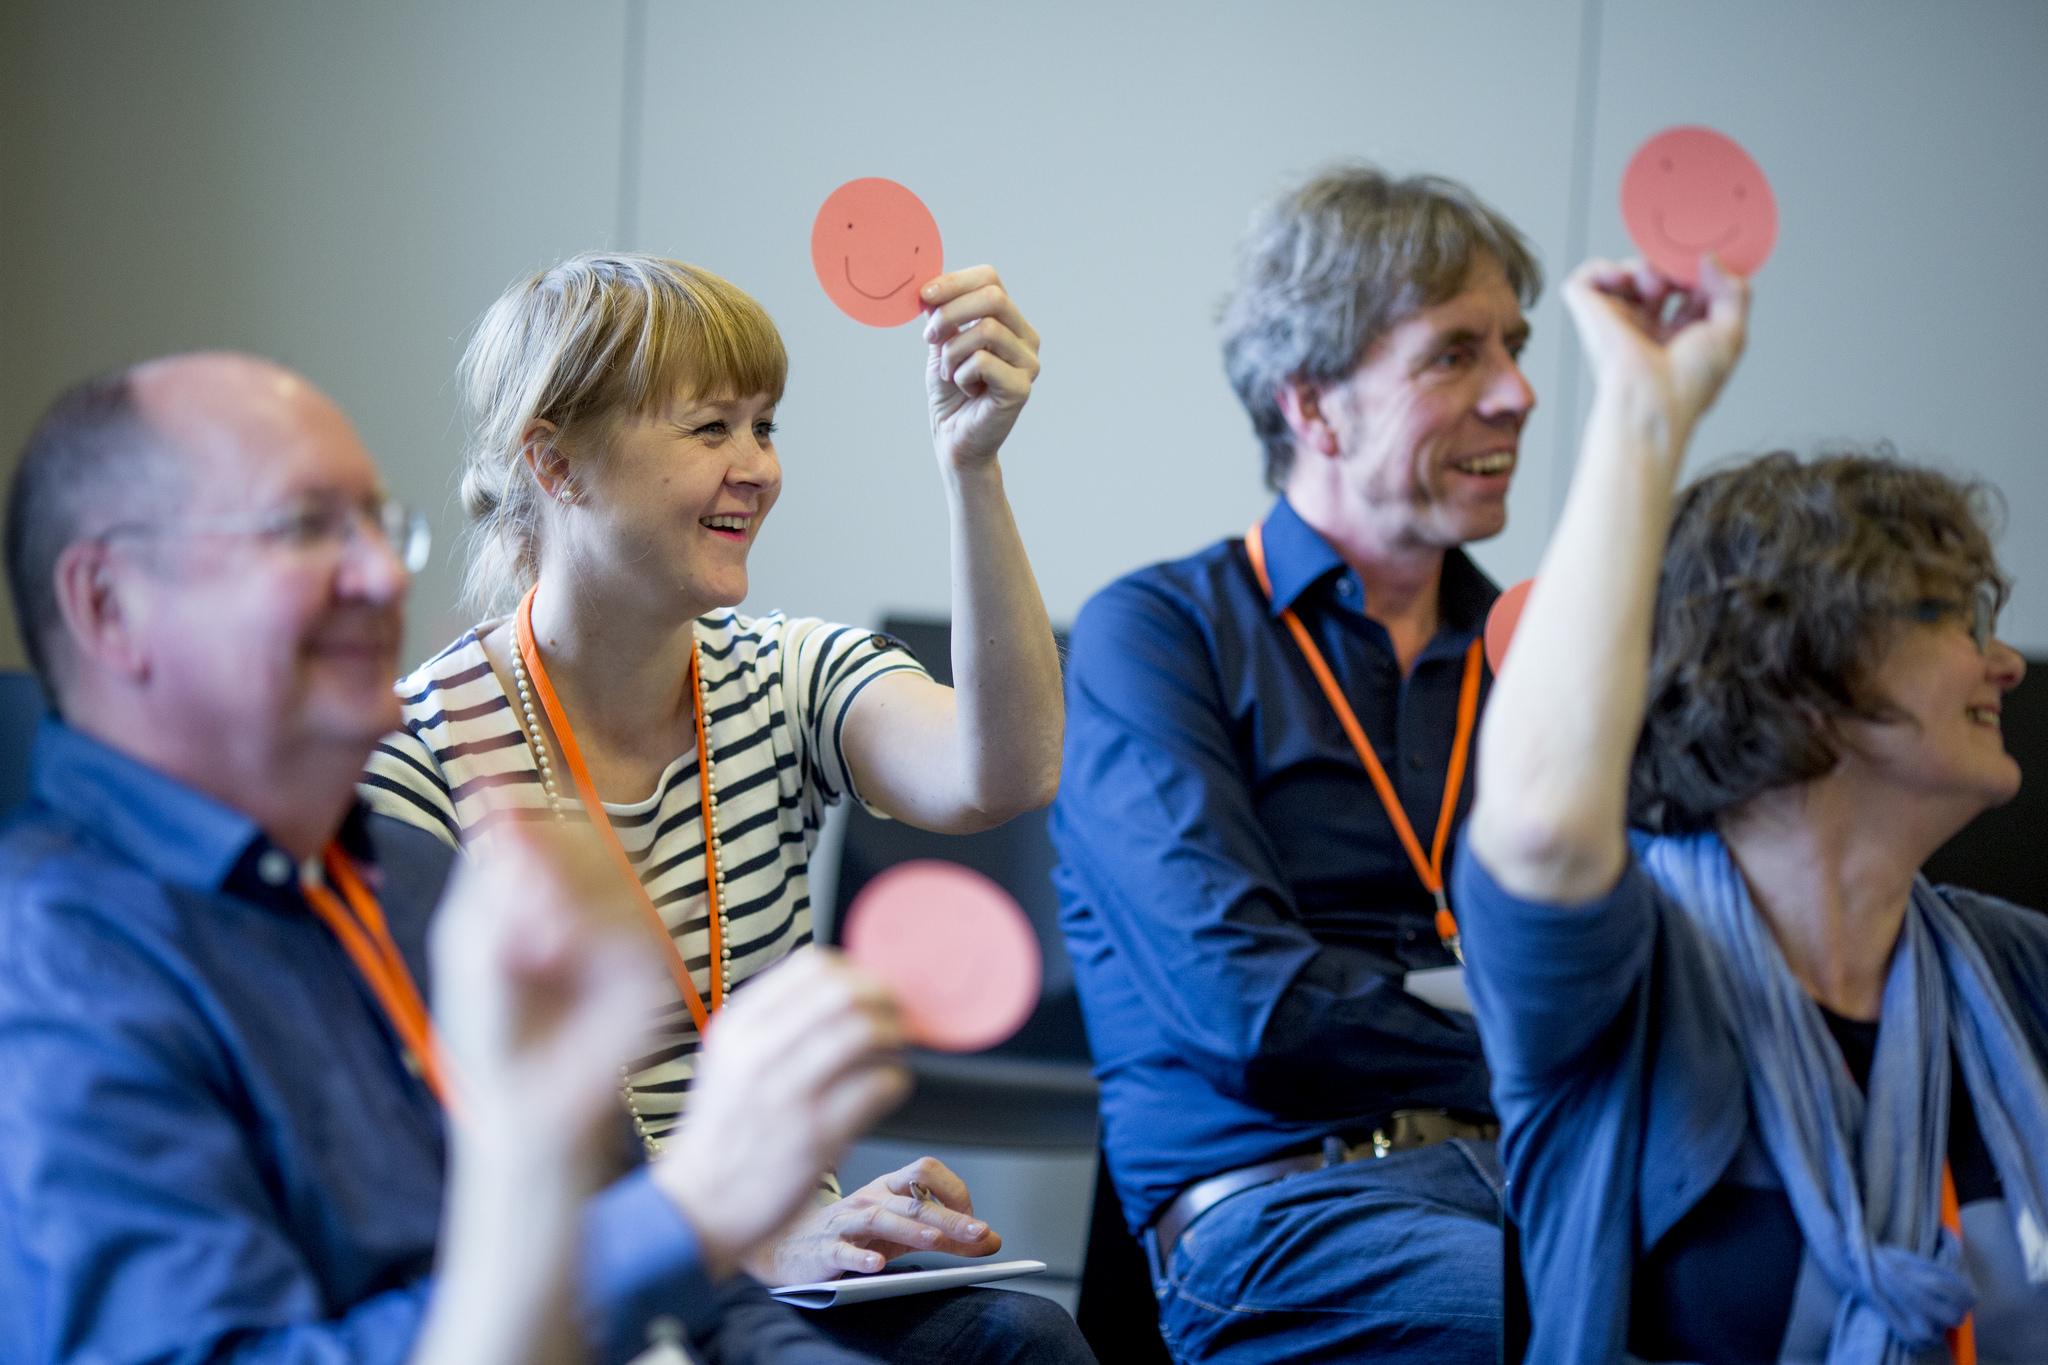 Teilnehmende in einem Workshop halten Zeichen hoch